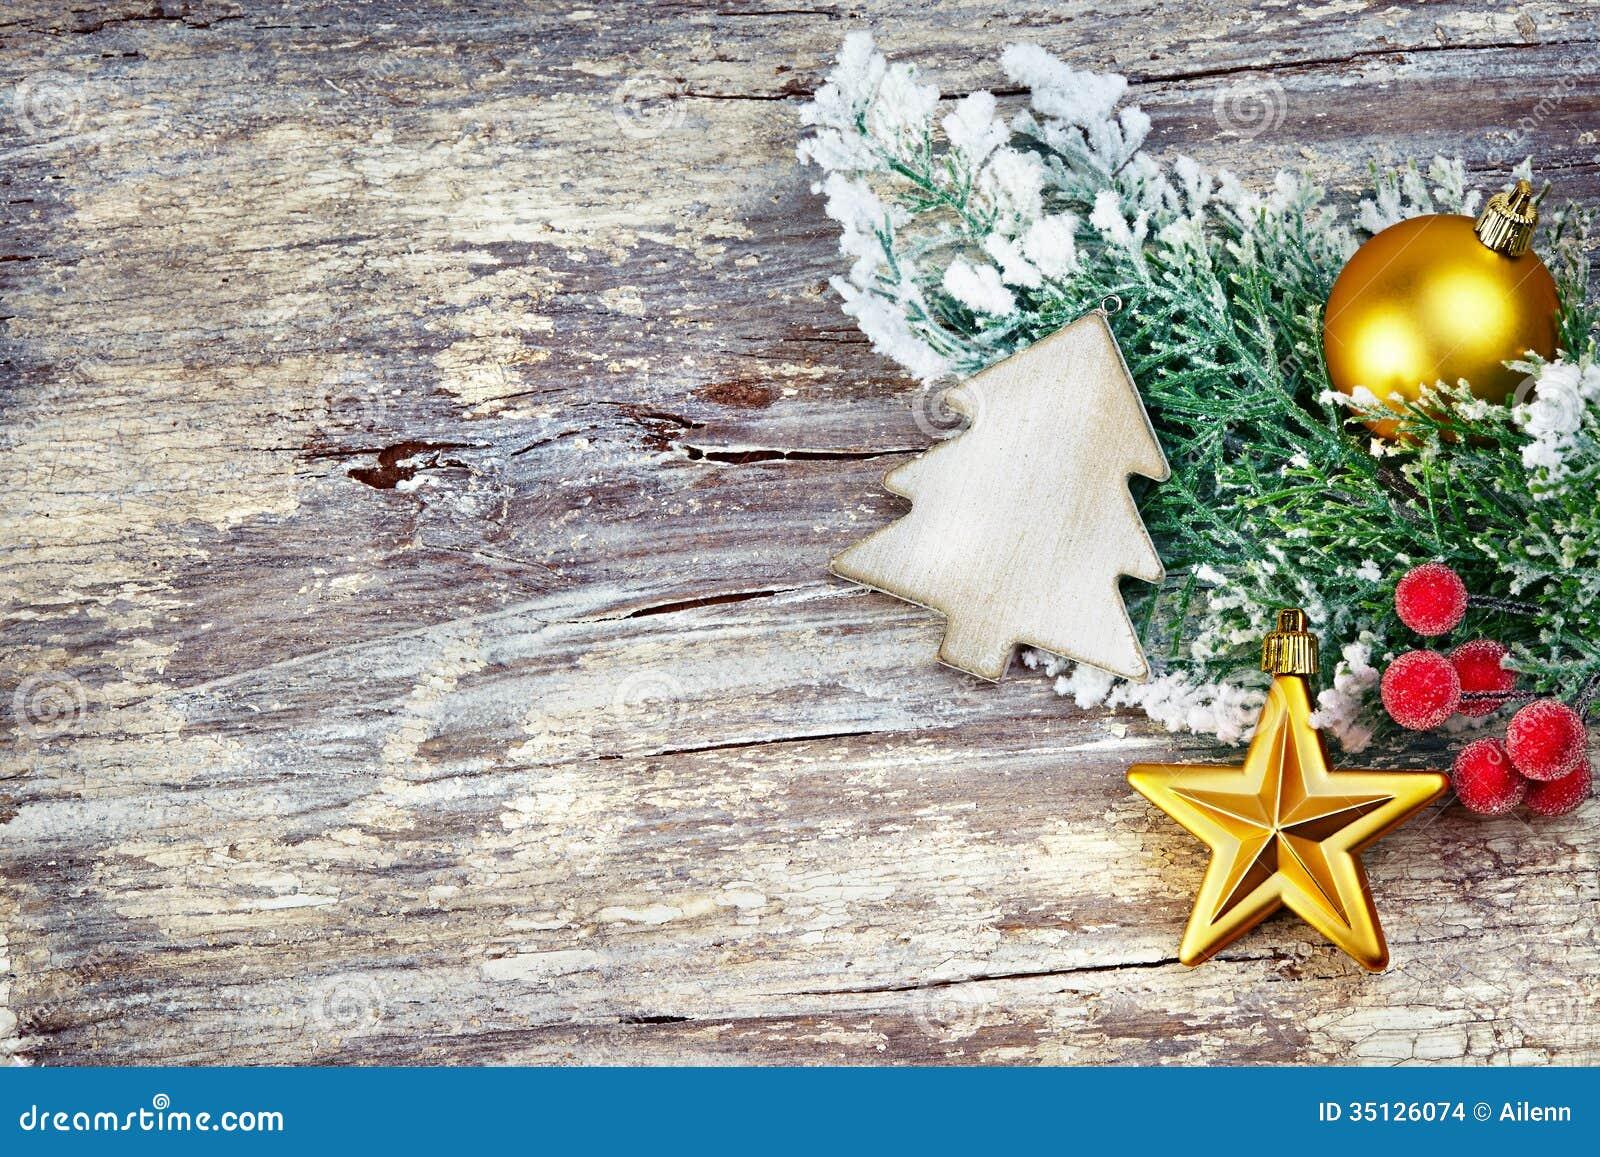 #BC7F0F Décoration De Noël Au Dessus De Fond En Bois. Style De  6129 Decoration De Noel Vintage 1300x957 px @ aertt.com